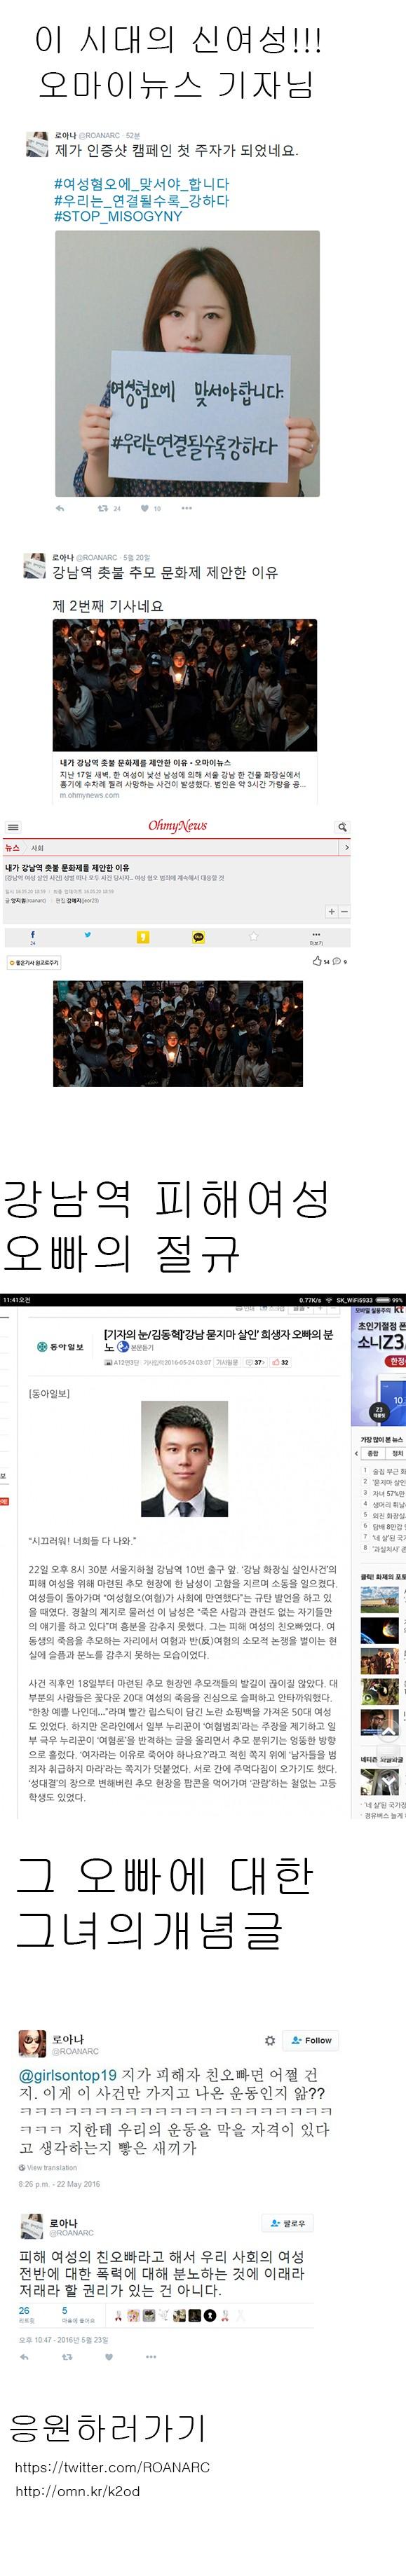 """오마이뉴스 기자님의 """"강념역 살인사건 유가족"""" 드립.."""